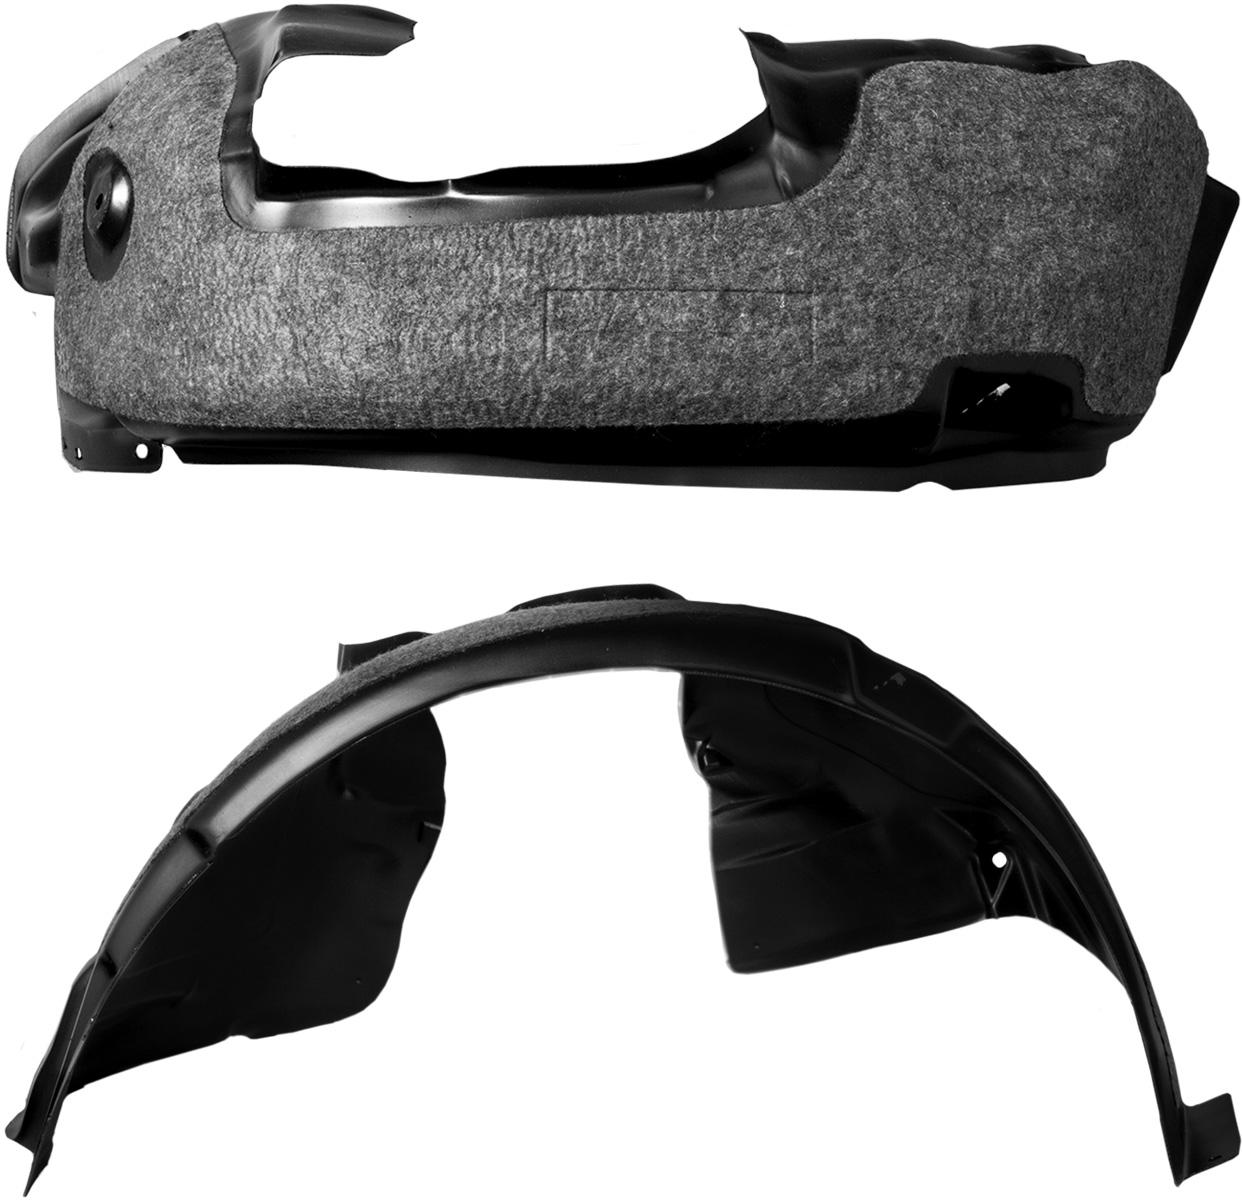 Подкрылок с шумоизоляцией Novline-Autofamily, для Peugeot Boxer, 08/2014 ->, без/с расширителями арок (задний левый)DW90Подкрылок с шумоизоляцией - революционный продукт, совмещающий в себе все достоинства обычного подкрылка, и в то же время являющийся одним из наиболее эффективных средств борьбы с внешним шумом в салоне автомобиля. Подкрылки бренда Novline-Autofamily разрабатываются индивидуально для каждого автомобиля с использованием метода 3D-сканирования.В качестве шумоизолирующего слоя применяется легкое синтетическое нетканое полотно толщиной 10 мм, которое отталкивает влагу, сохраняет свои шумоизоляционные свойства на протяжении всего периода эксплуатации.Подкрылки с шумоизоляцией не имеют эксплуатационных ограничений и устанавливаются один раз на весь срок службы автомобиля.Подкрылки с шумоизоляцией не имеют аналогов и являются российским изобретением, получившим признание во всём мире. Уважаемые клиенты! Обращаем ваше внимание, фото может не полностью соответствовать оригиналу.